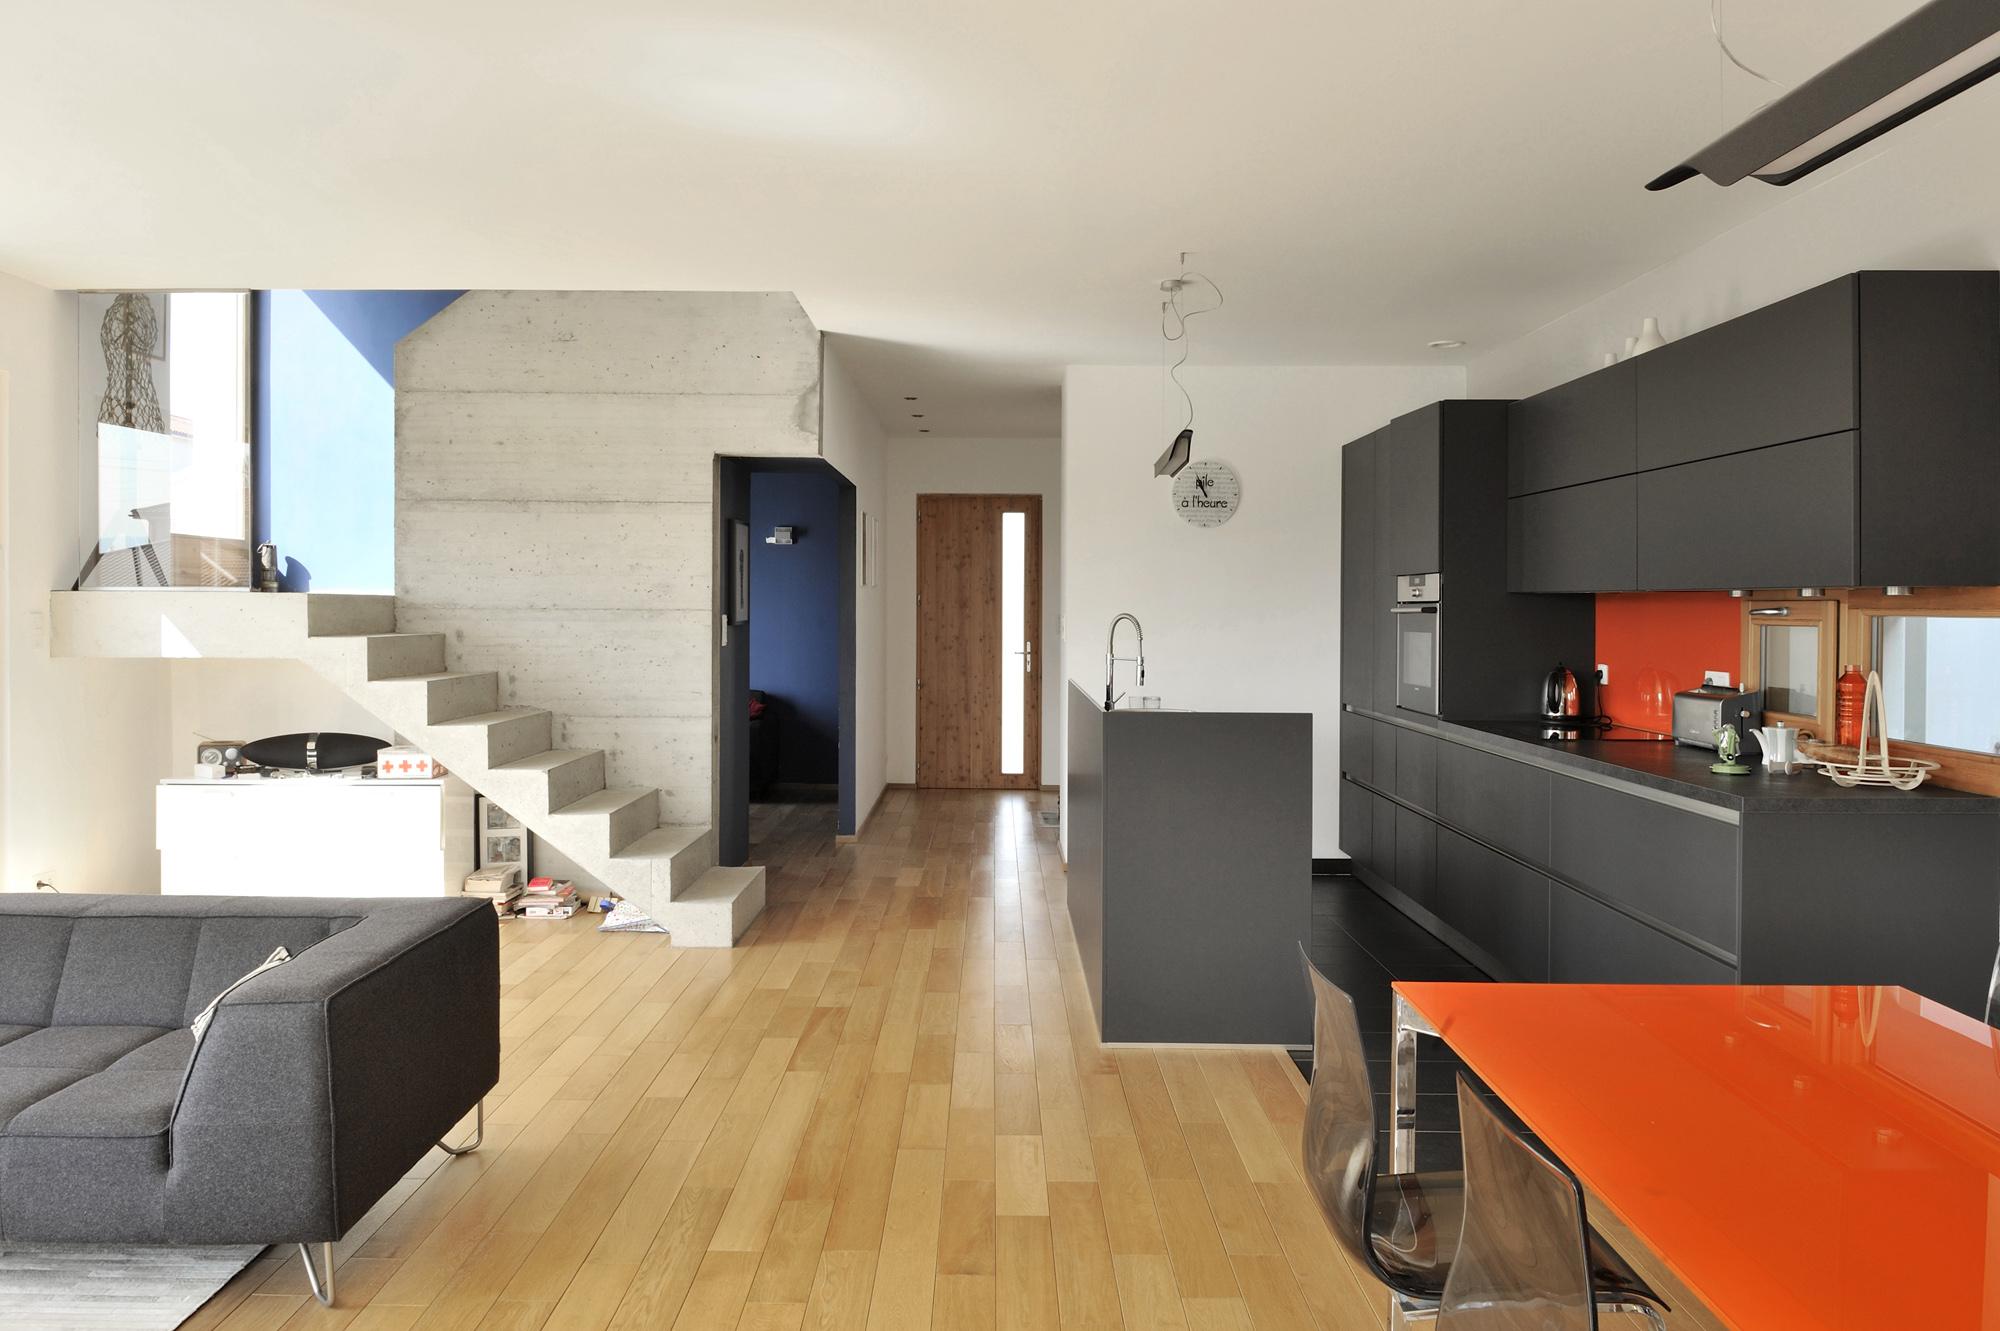 maison-beton-cellulaire-design